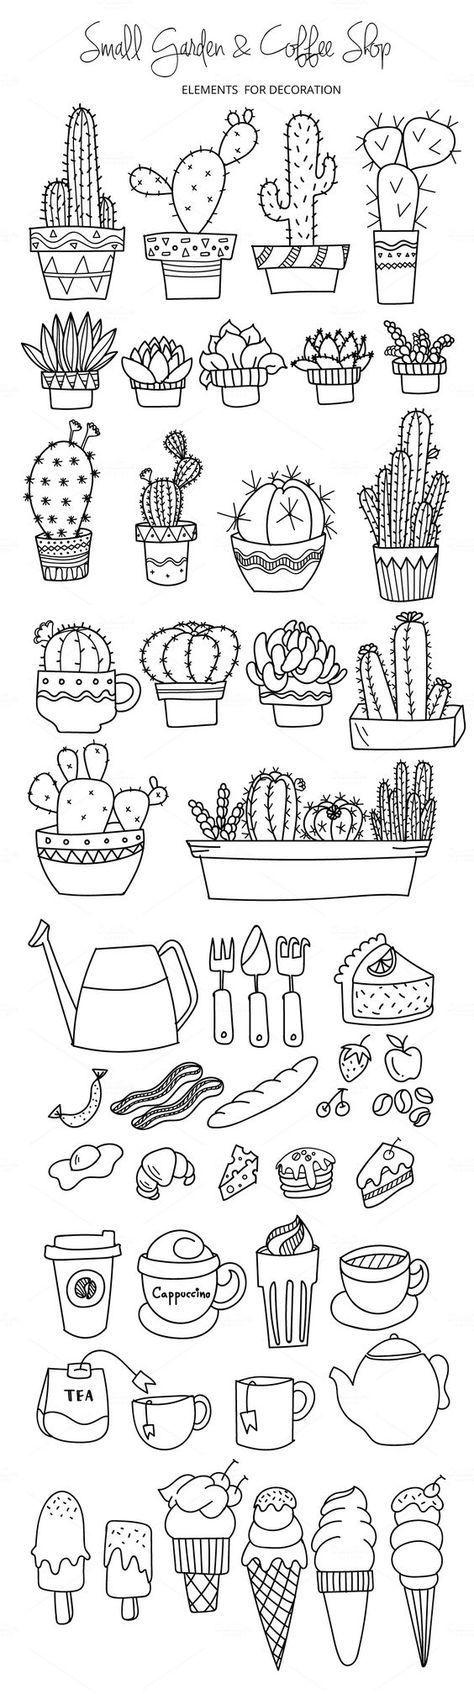 Kakteen Doodles - verschiedene Ideen, um Kakteen zu zeichnen